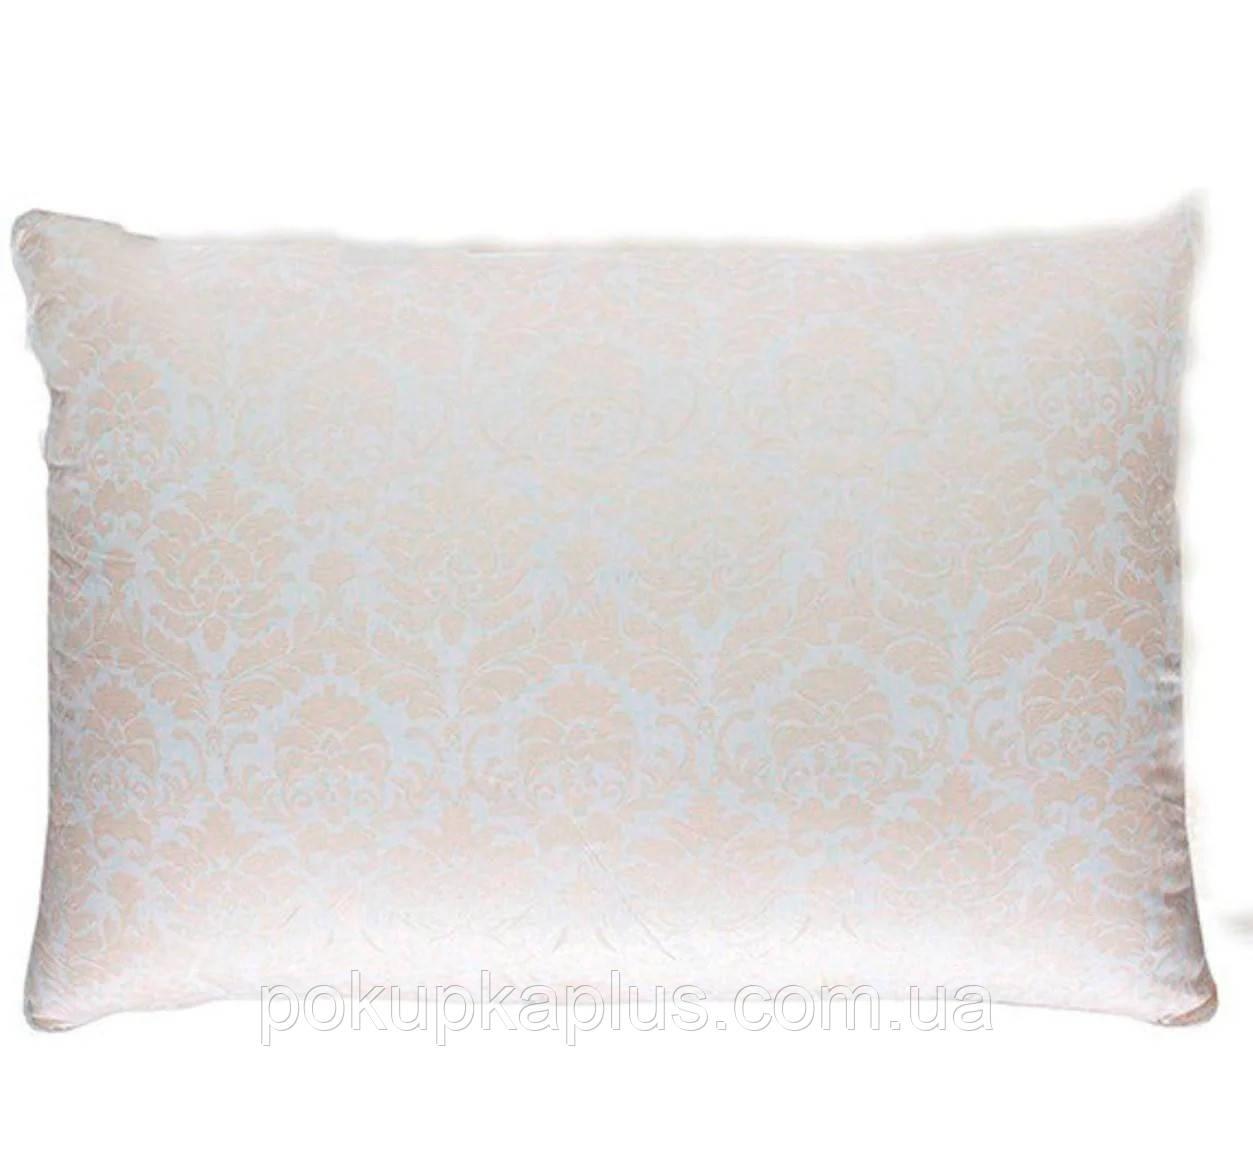 Подушка холофайбер 50х70 см